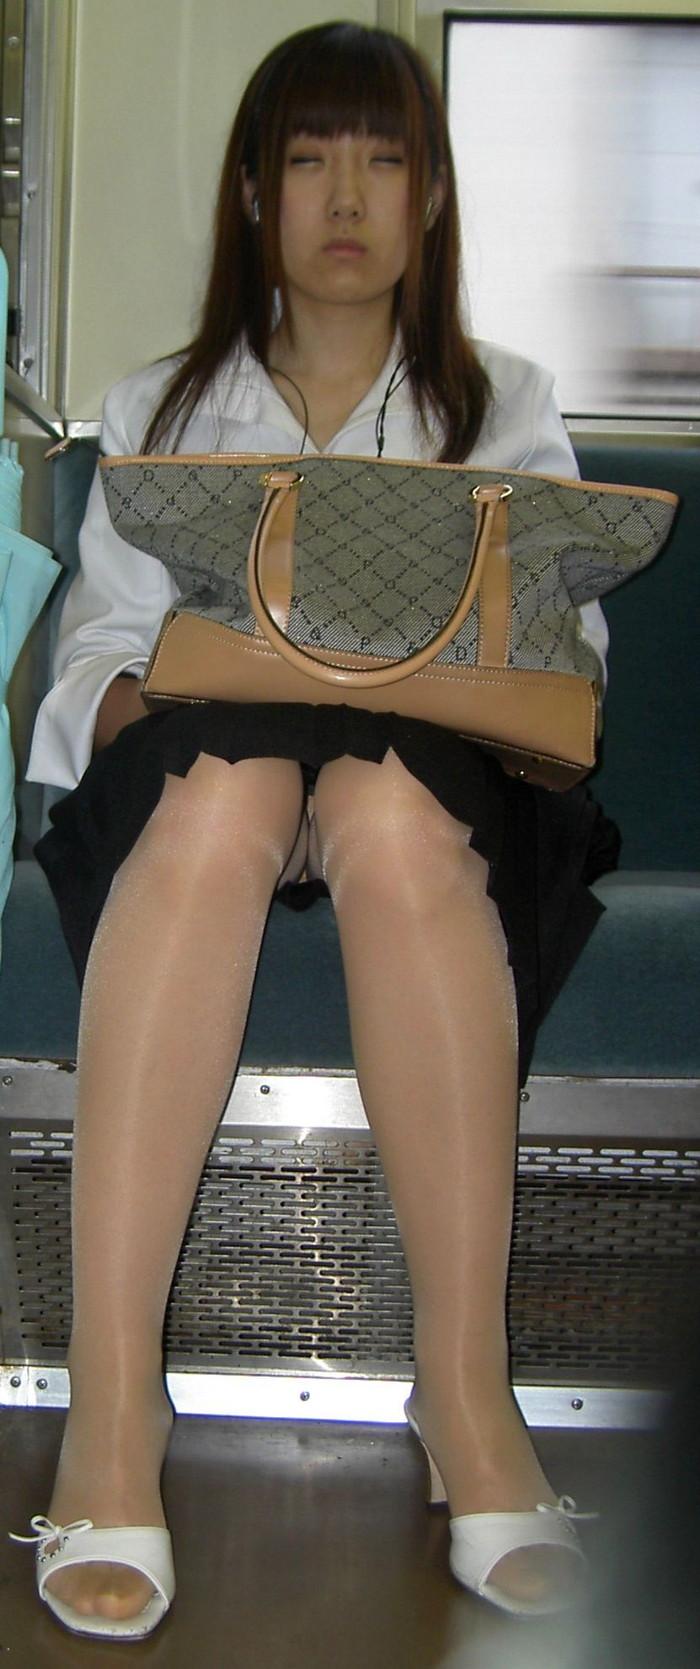 【対面パンチラエロ画像】対面に座った女の子のスカートの中身、見たいだろ!? 22